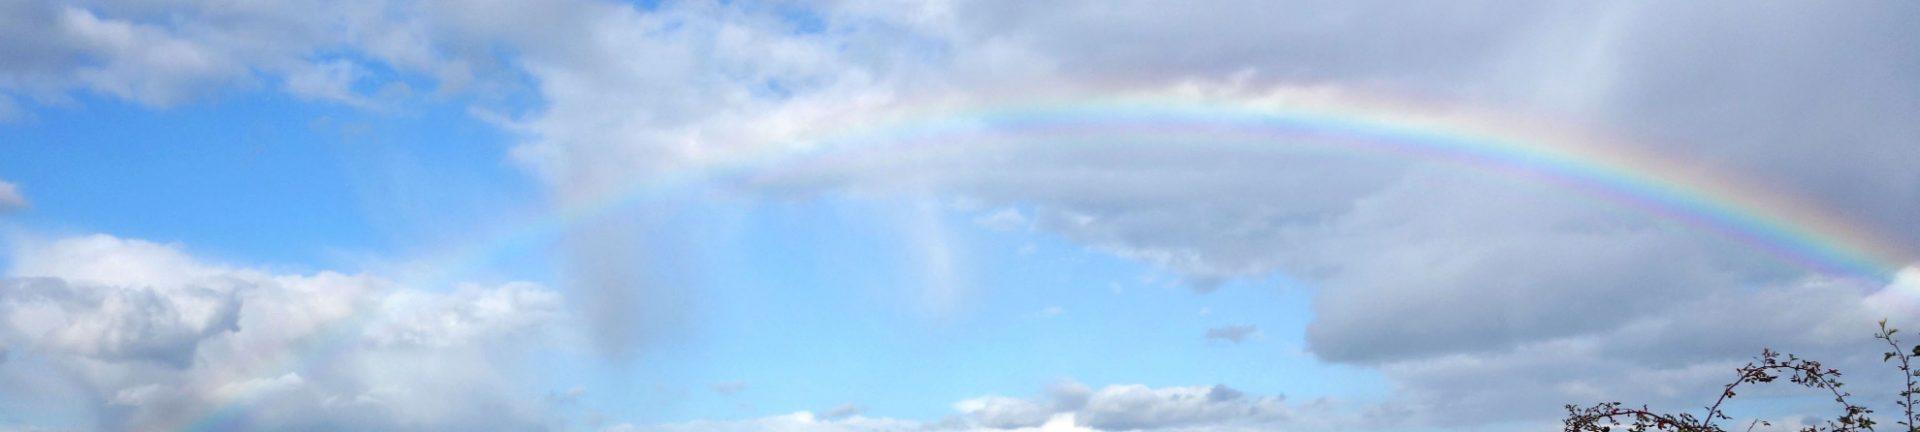 Regenbogenkristallenergie